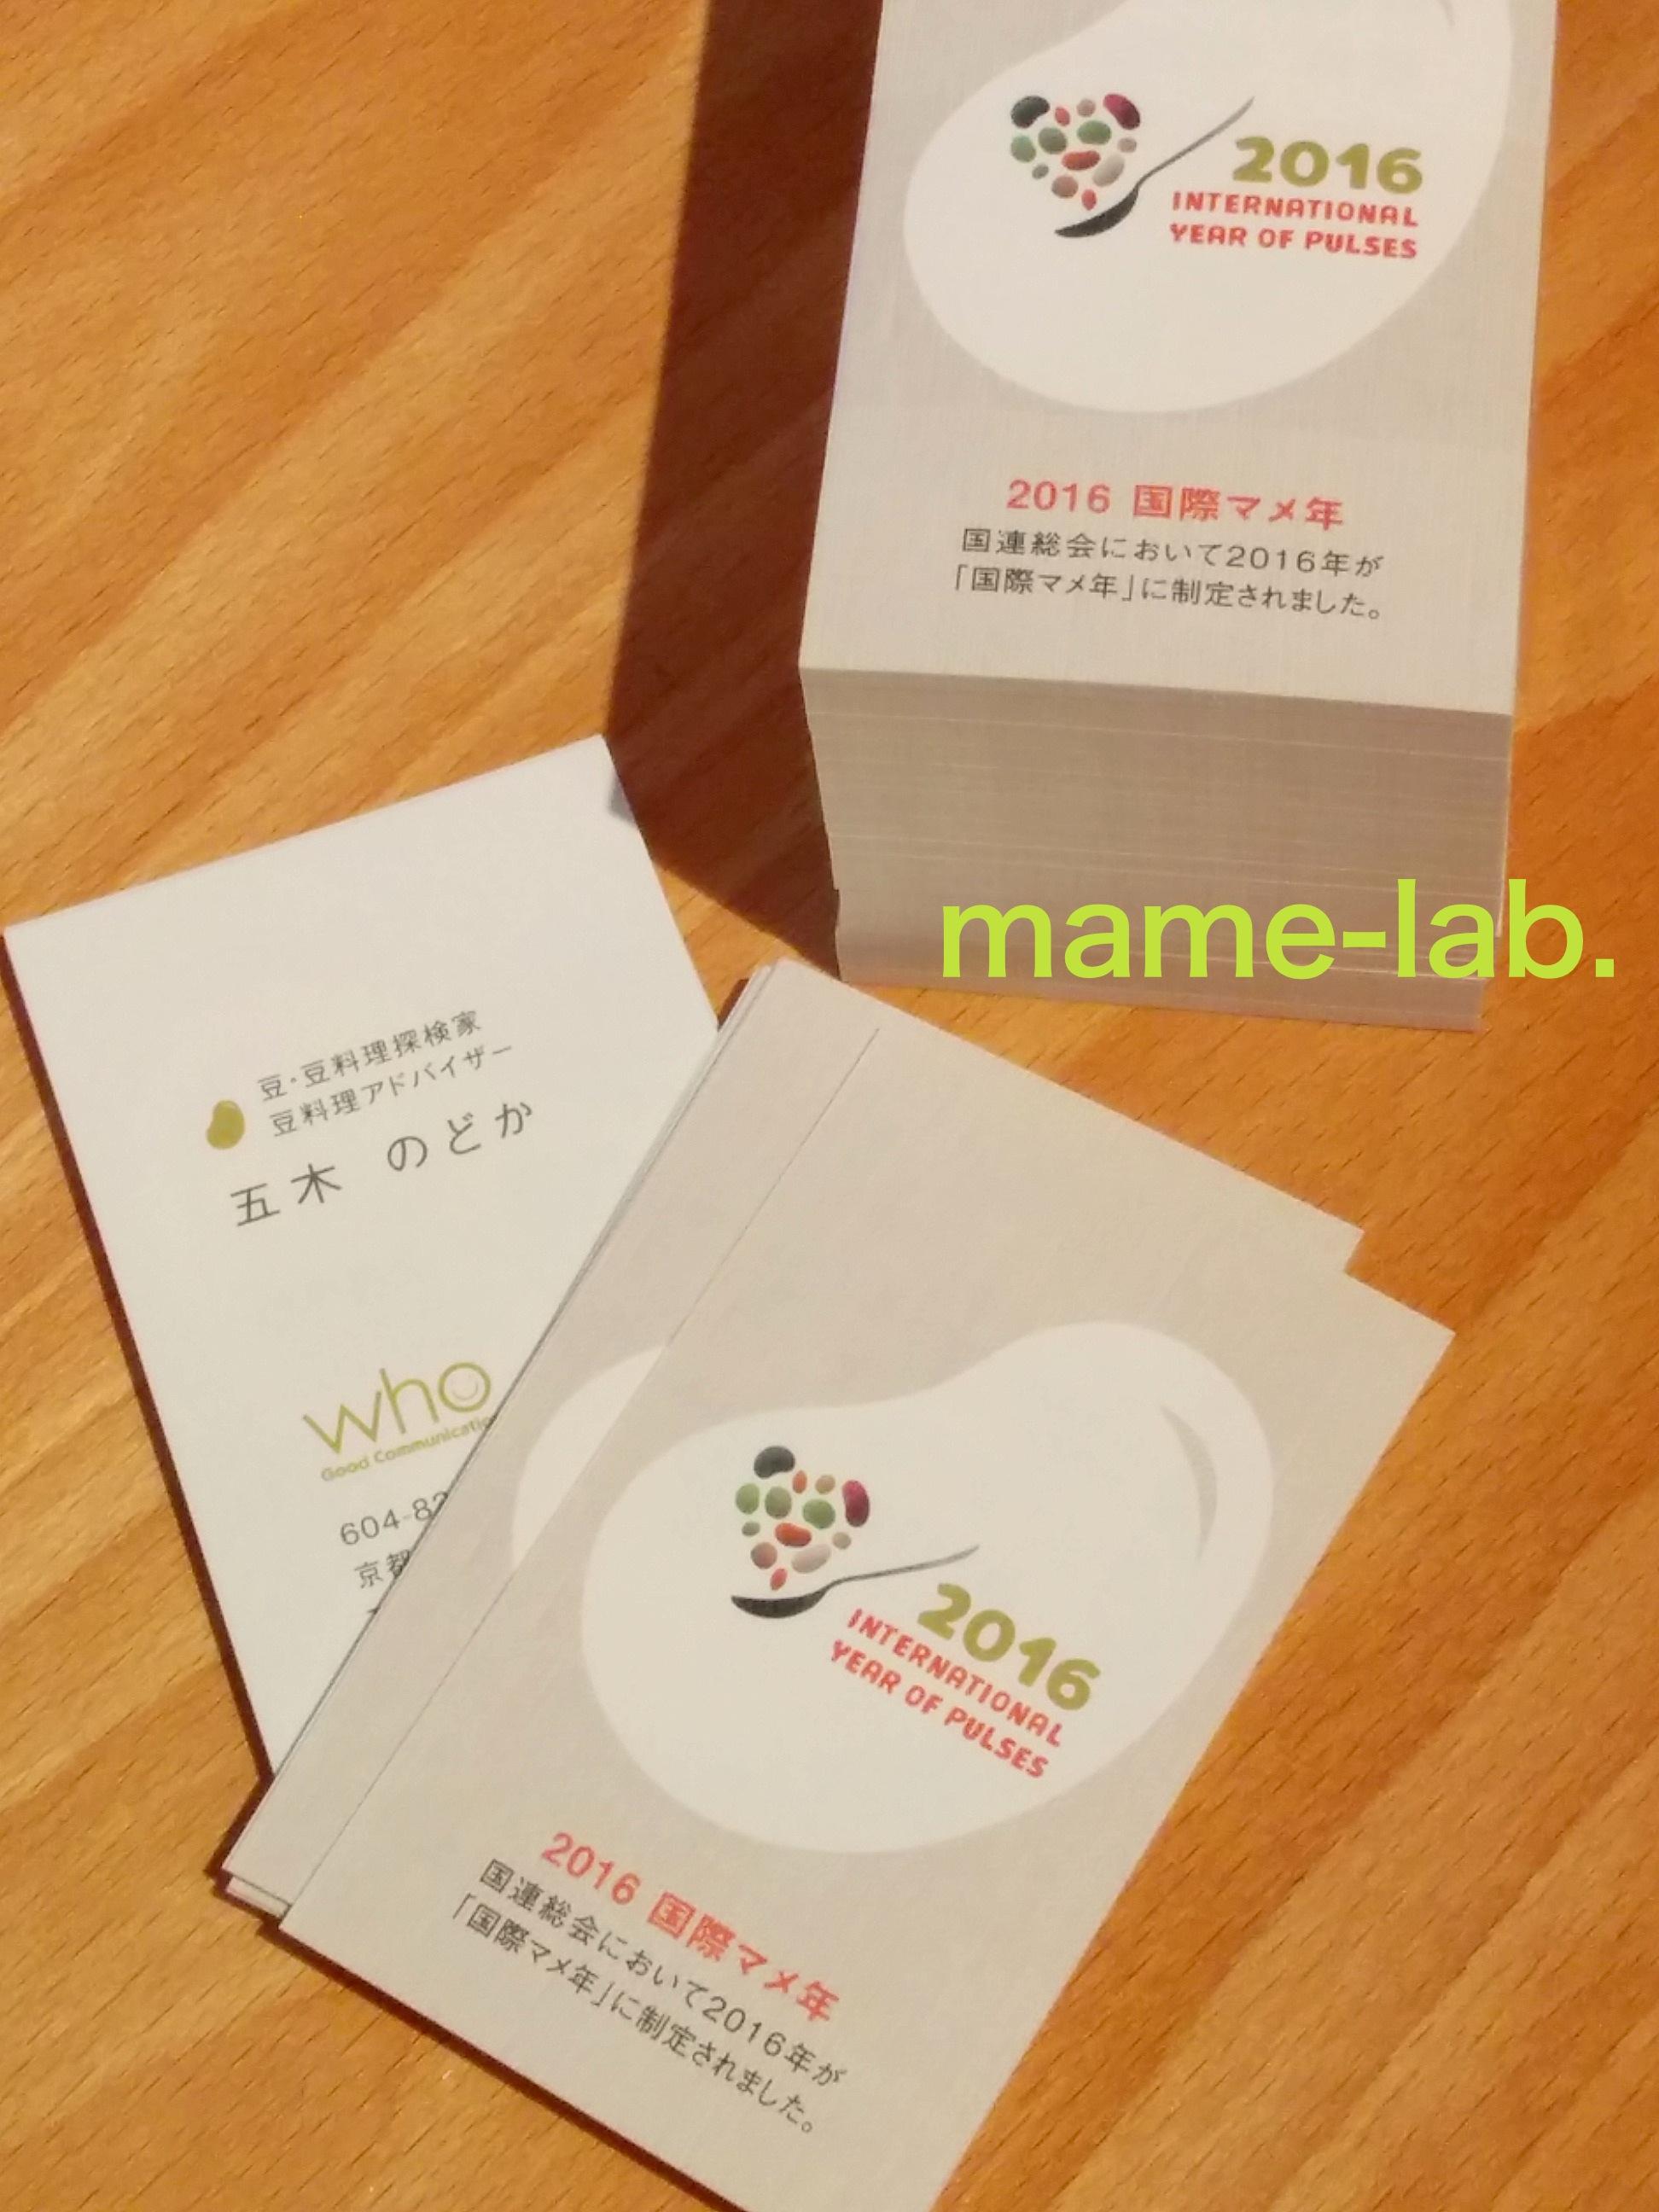 国際マメ年 名刺 初版200枚 | 豆なブログ